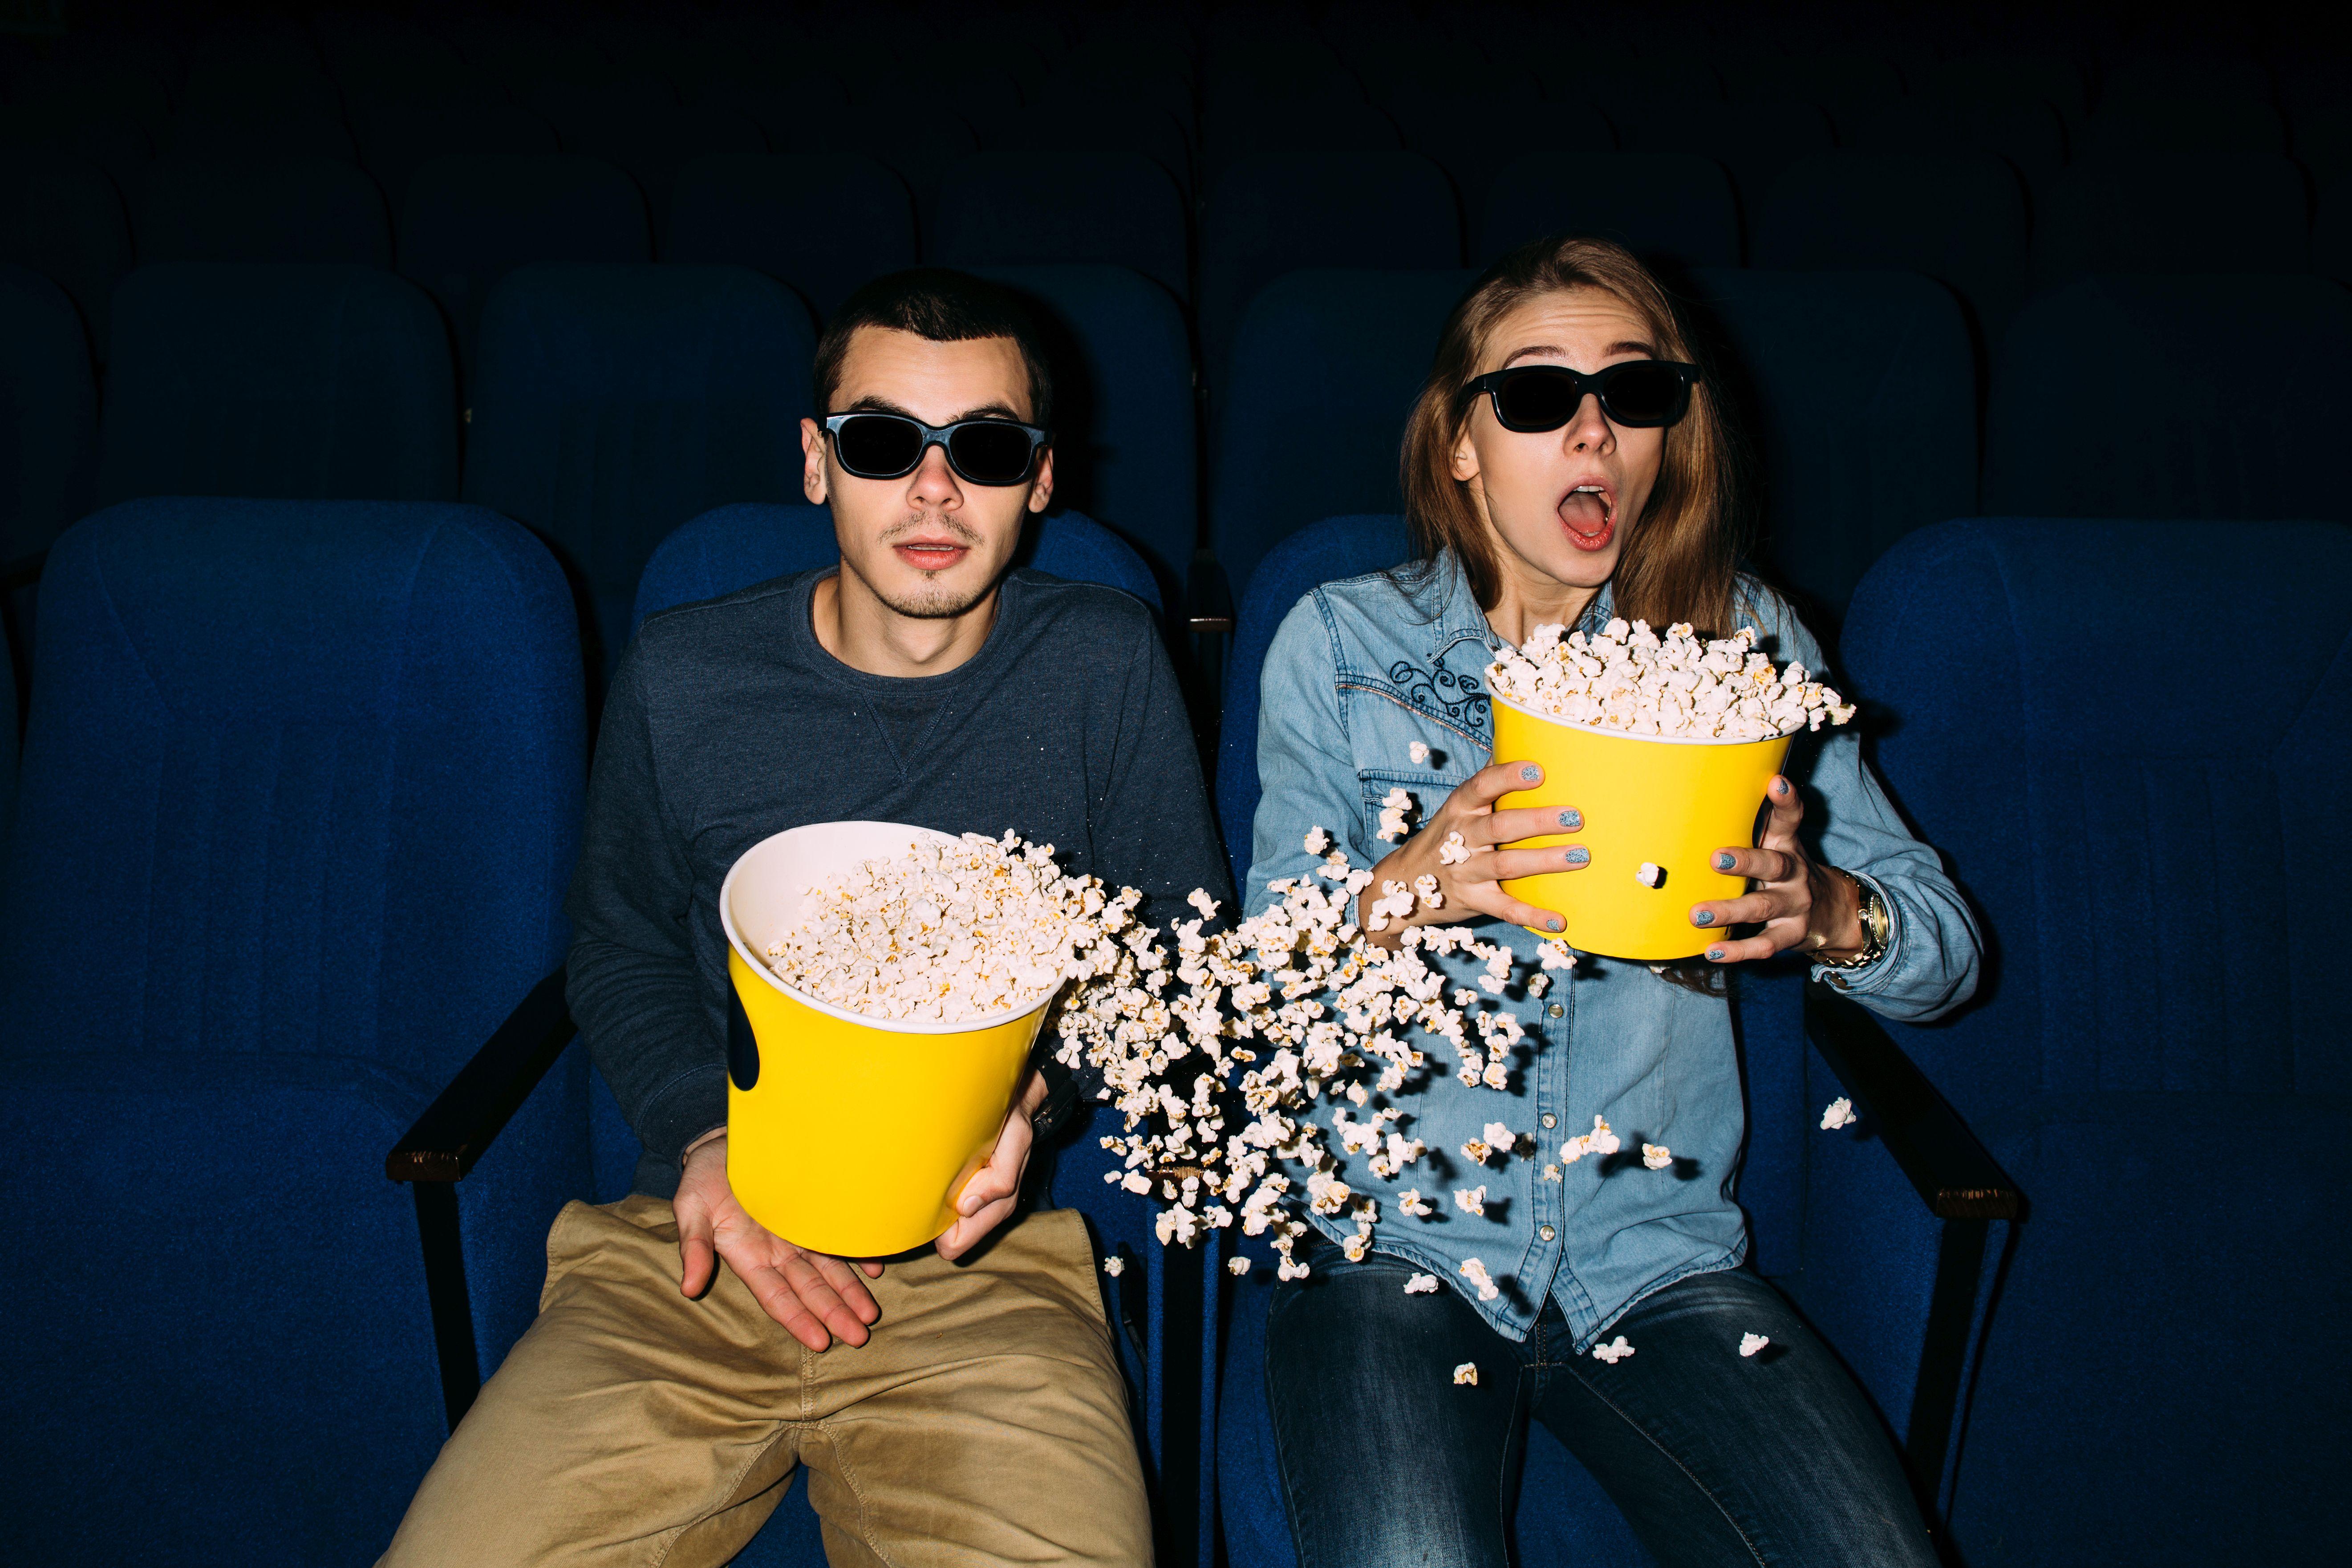 V klíně tentokrát nebudete mít jenom popcorn...